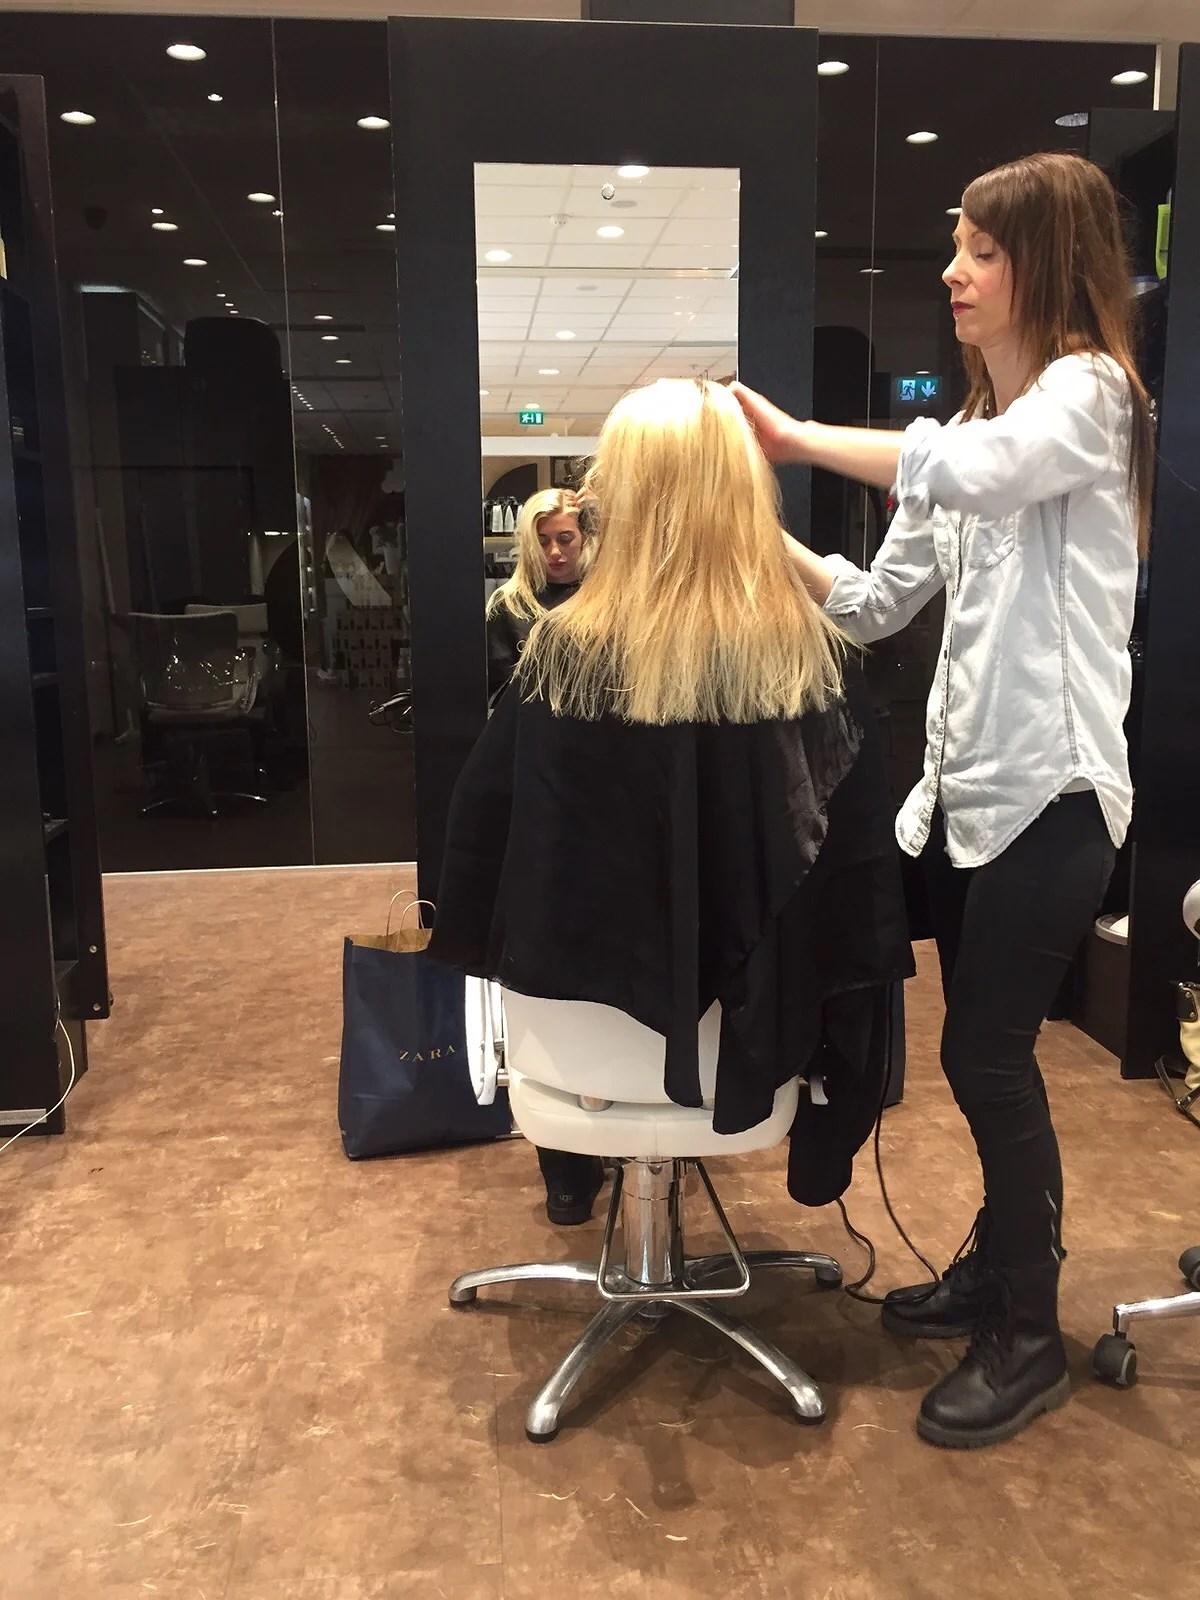 Hos frisören.. Eller inte